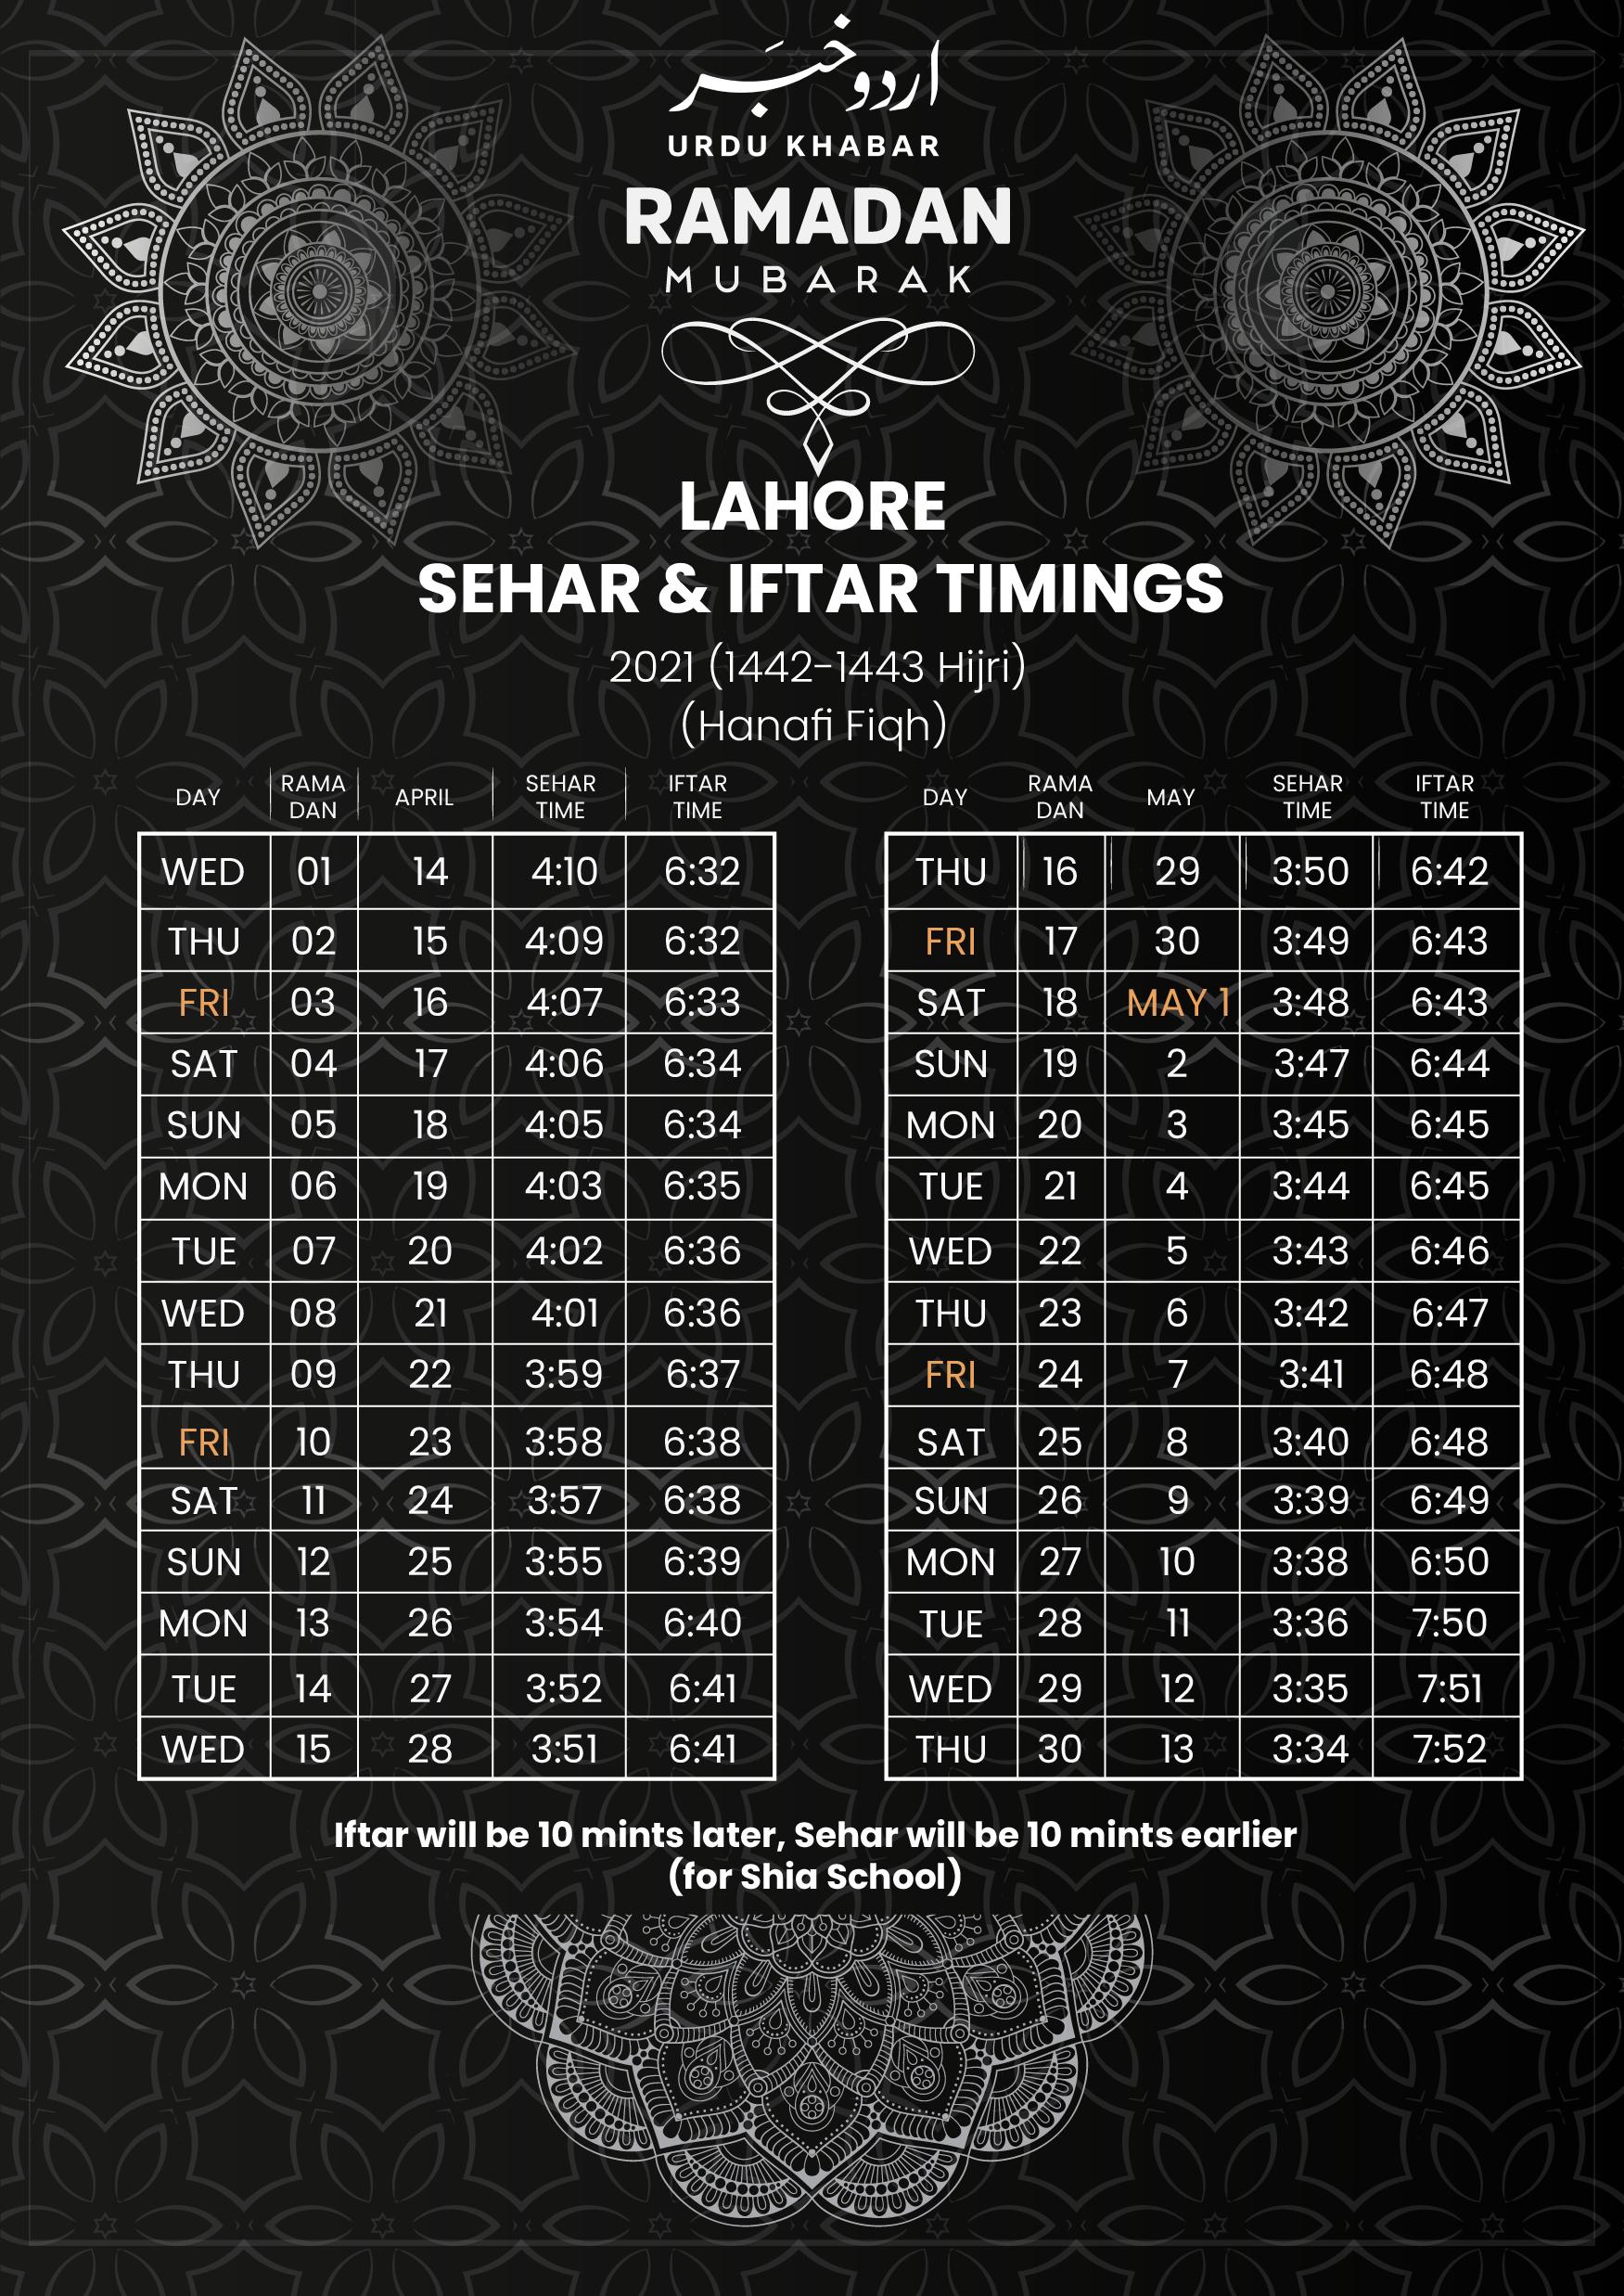 سحر و افطار کے اوقات لاہور